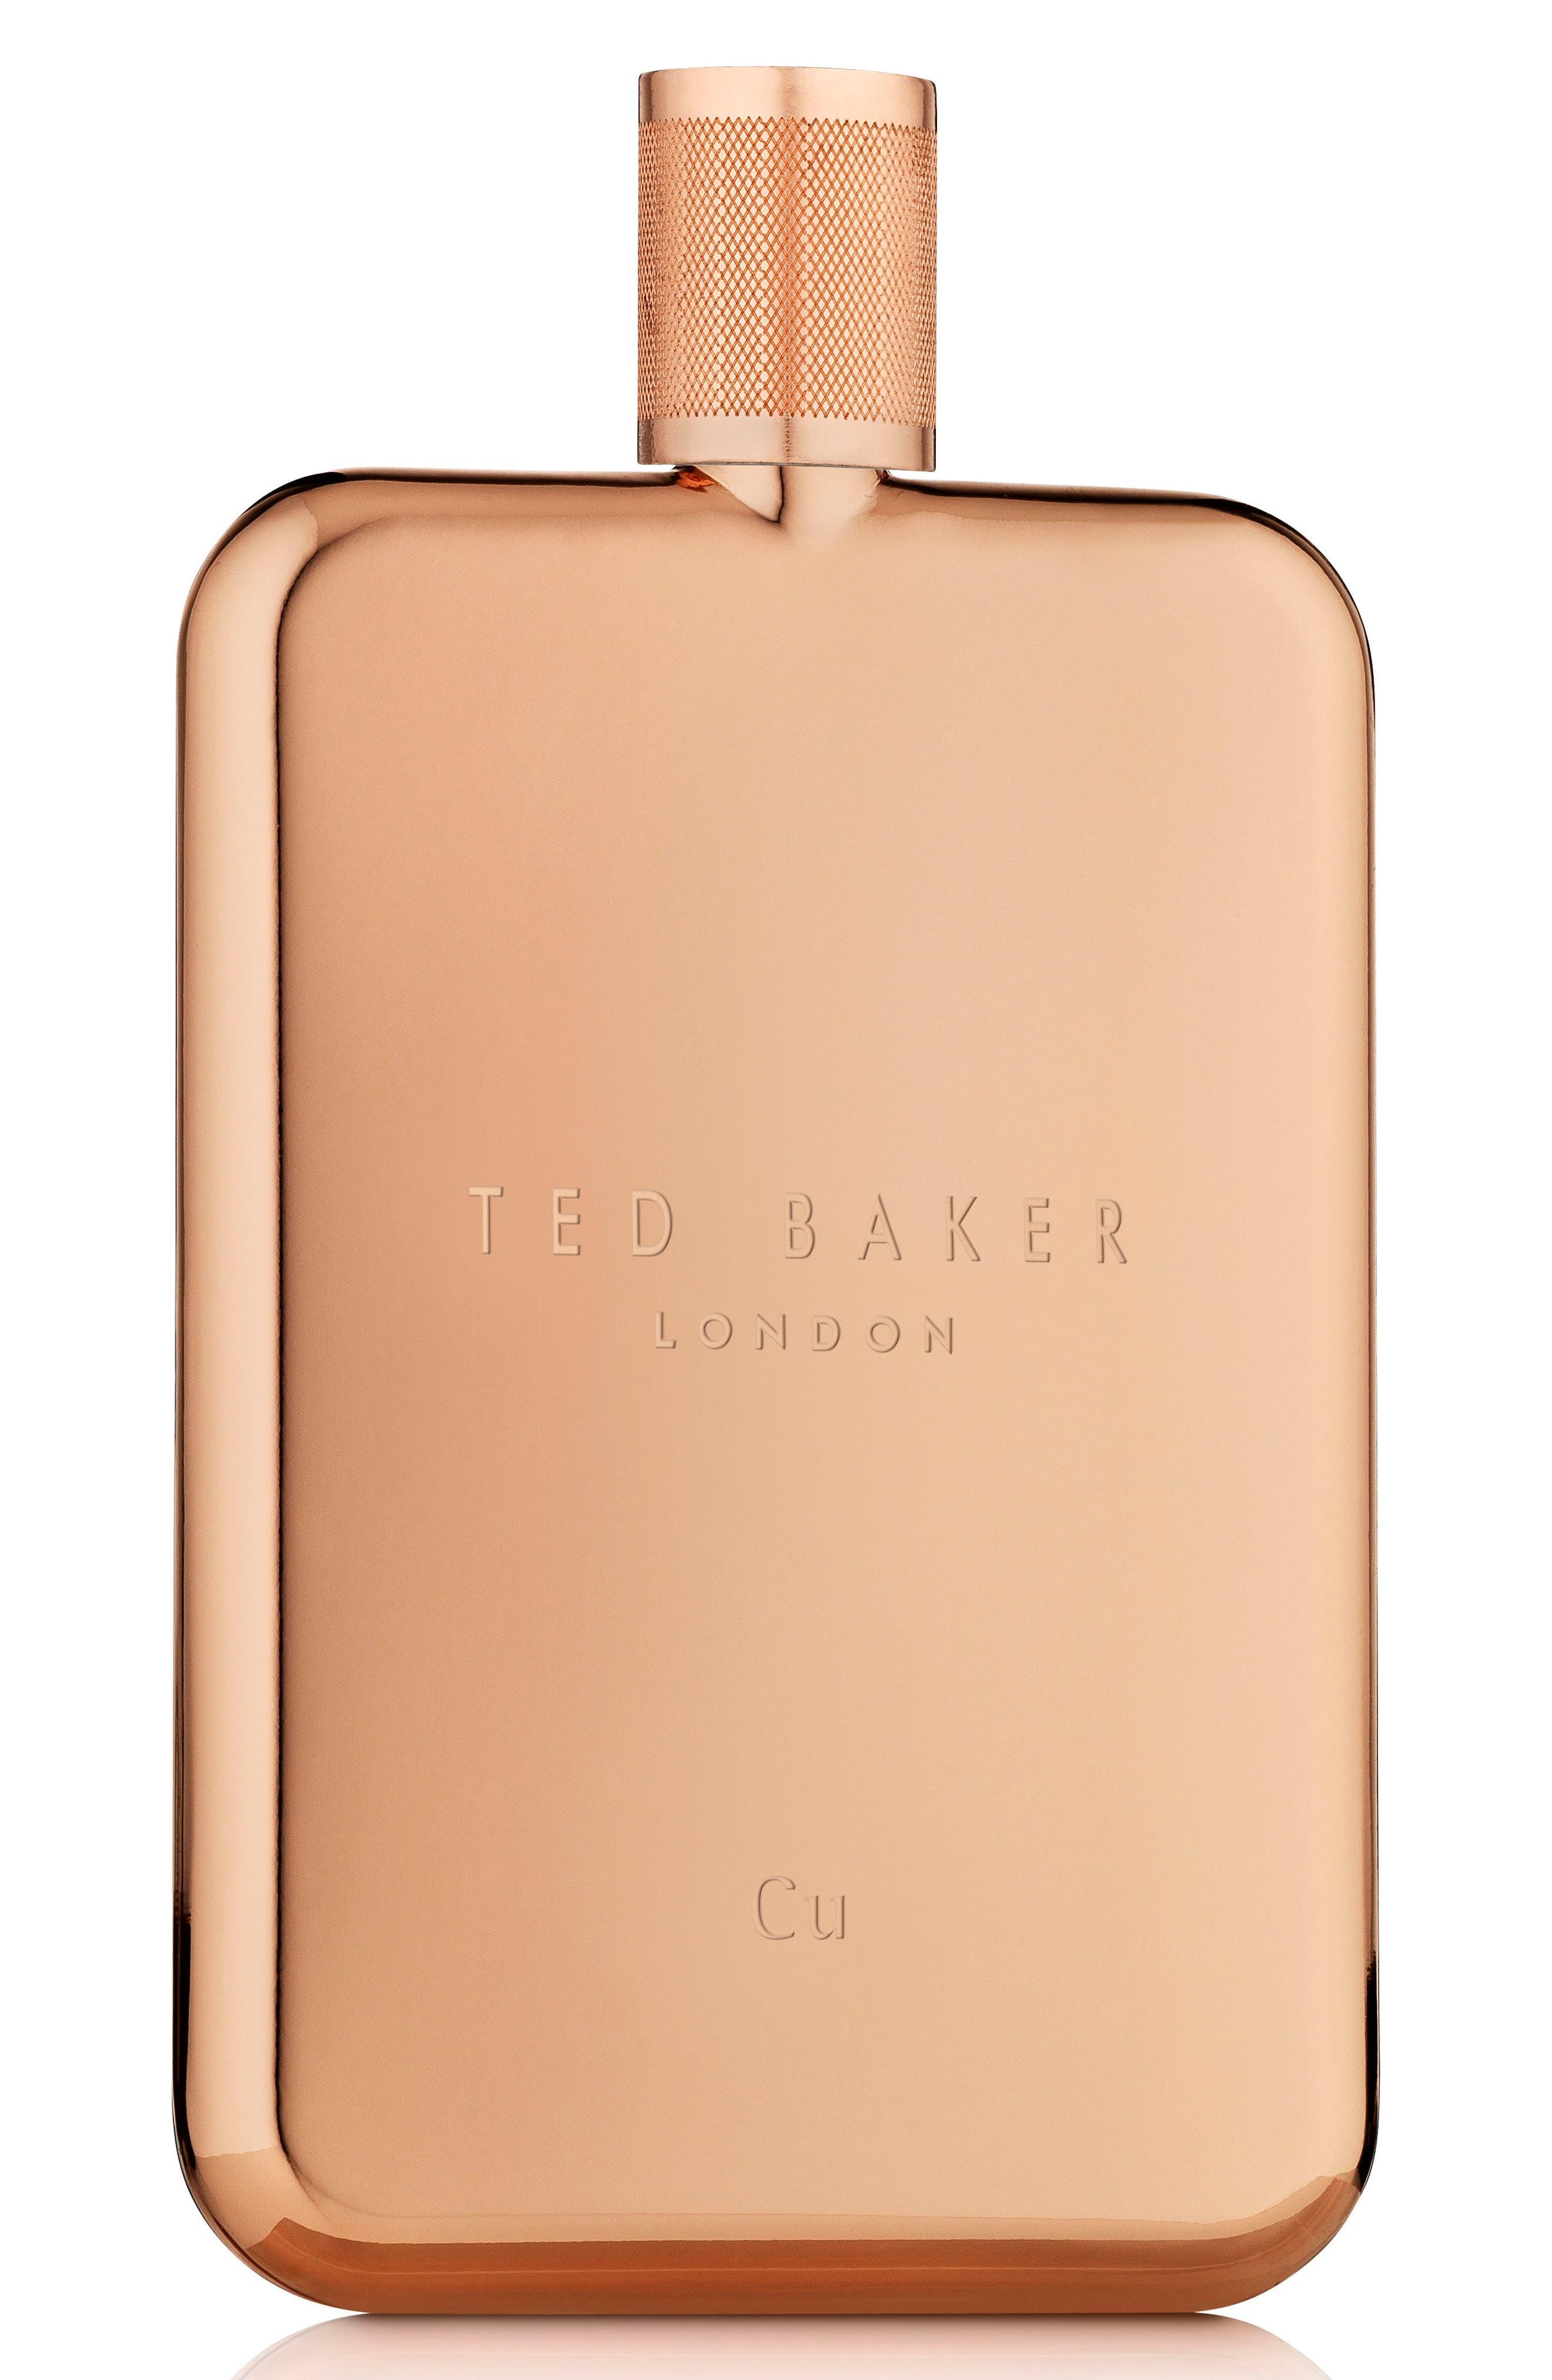 TED BAKER LONDON Travel Tonic Cu Eau de Toilette, Main, color, 000